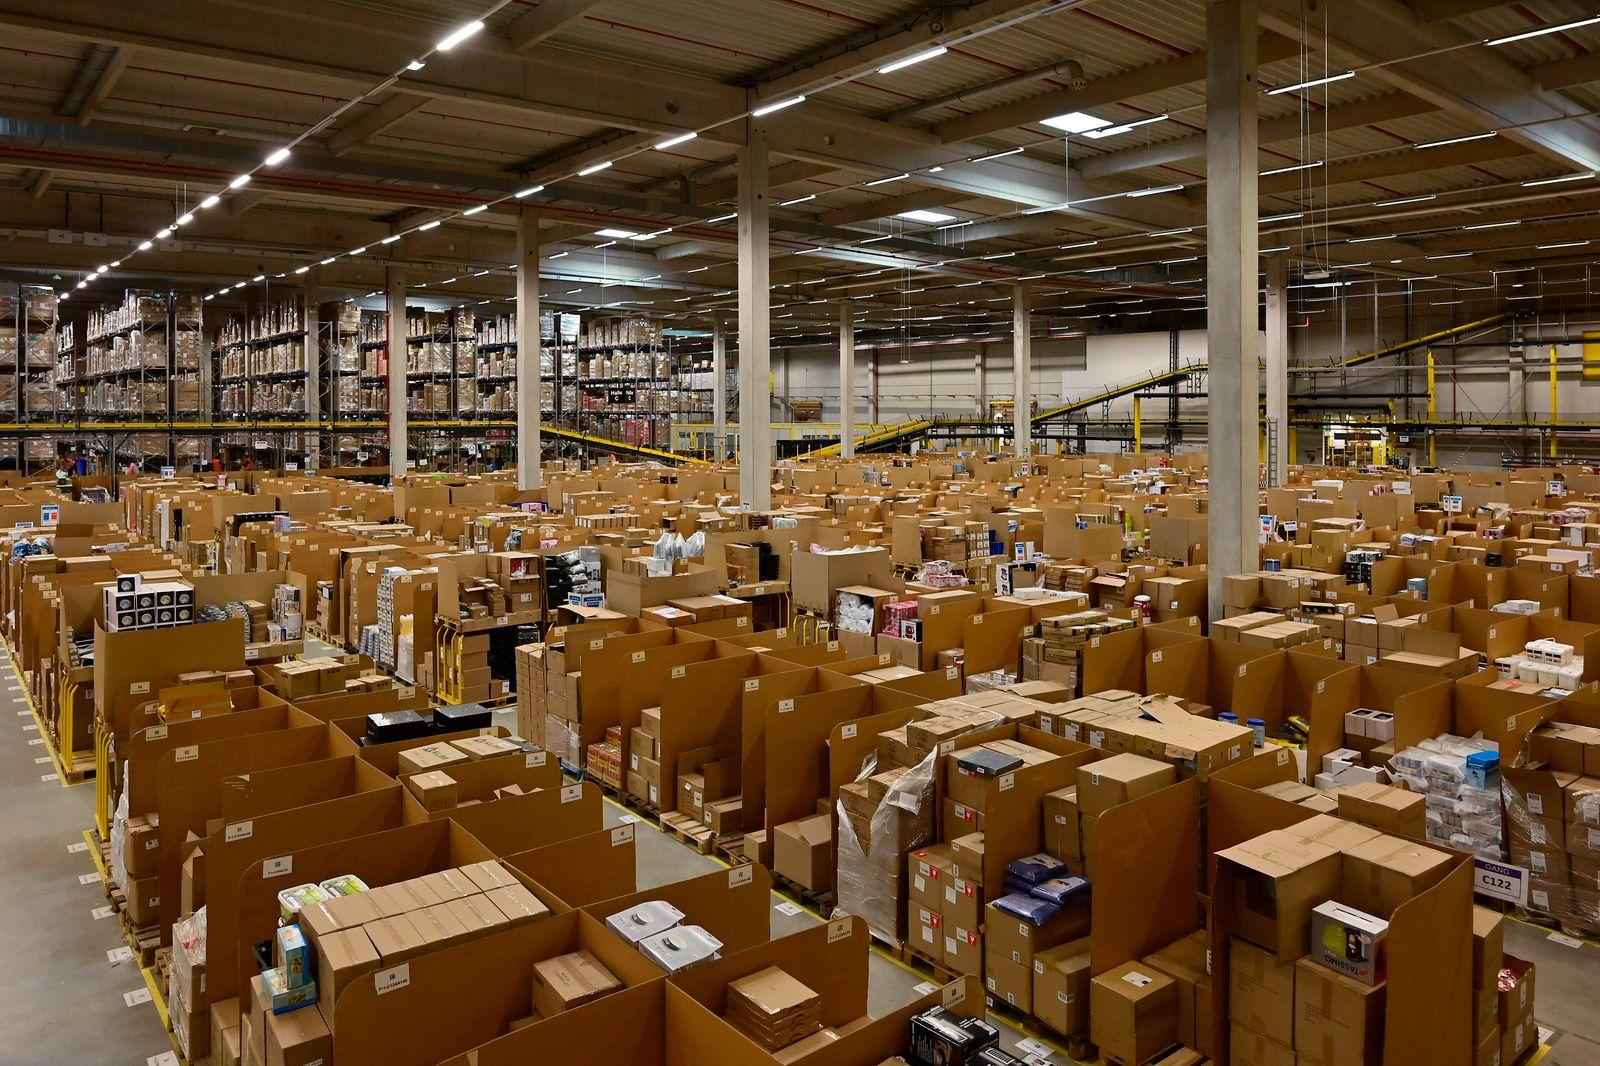 29.01.20, Rheinberg, Nordrhein-Westfalen, Deutschland. Amazon Logistikzentrum in Rheinberg. Der Logistikstandort besteht